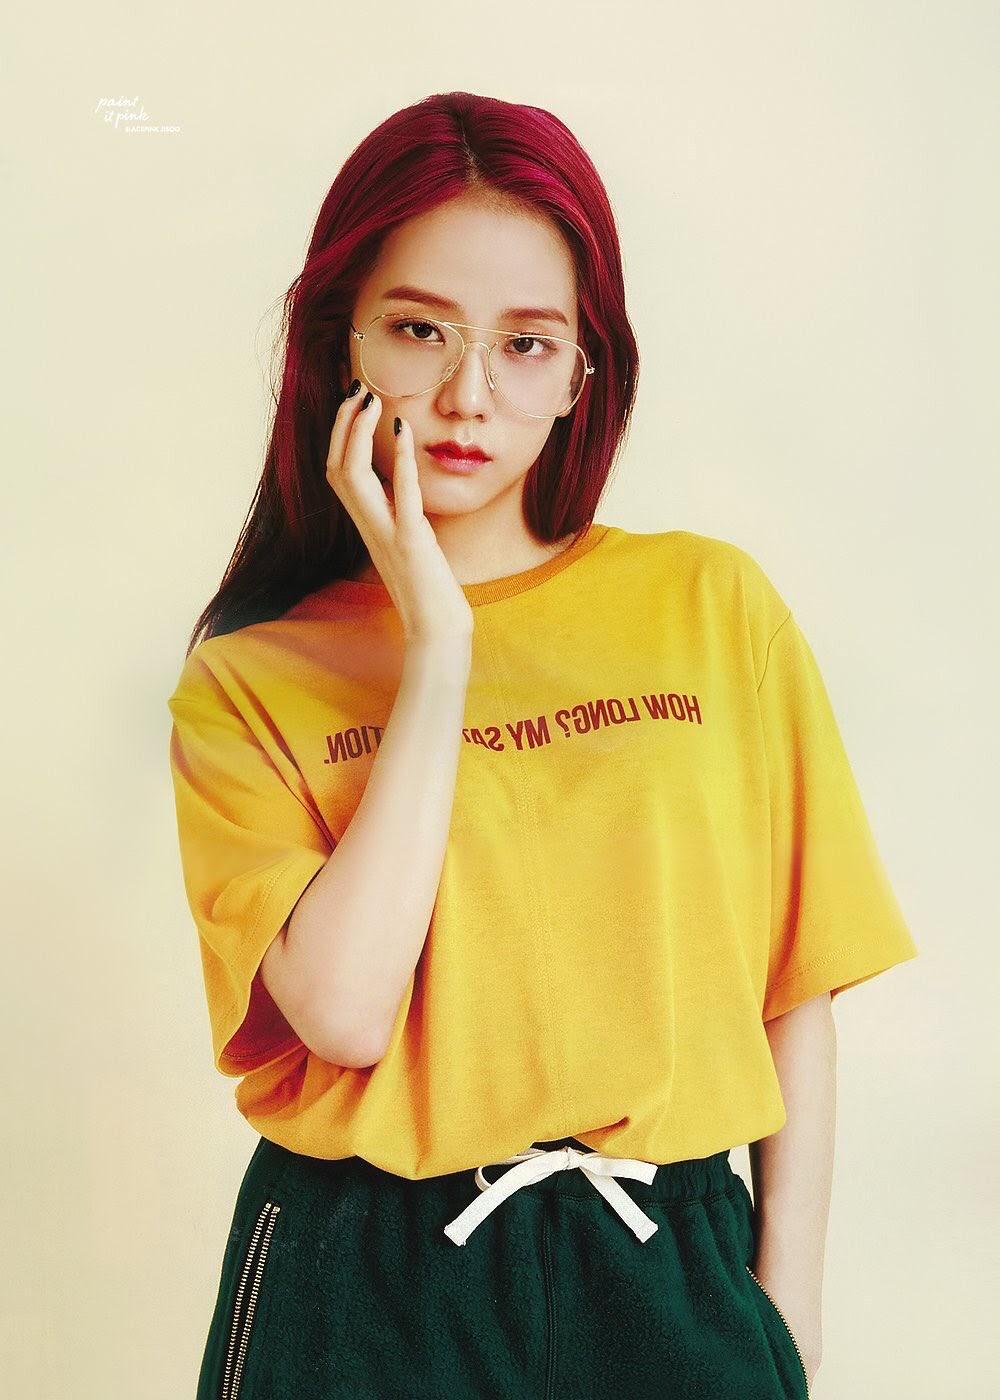 blackpinkrainbow_yellow_jisoo